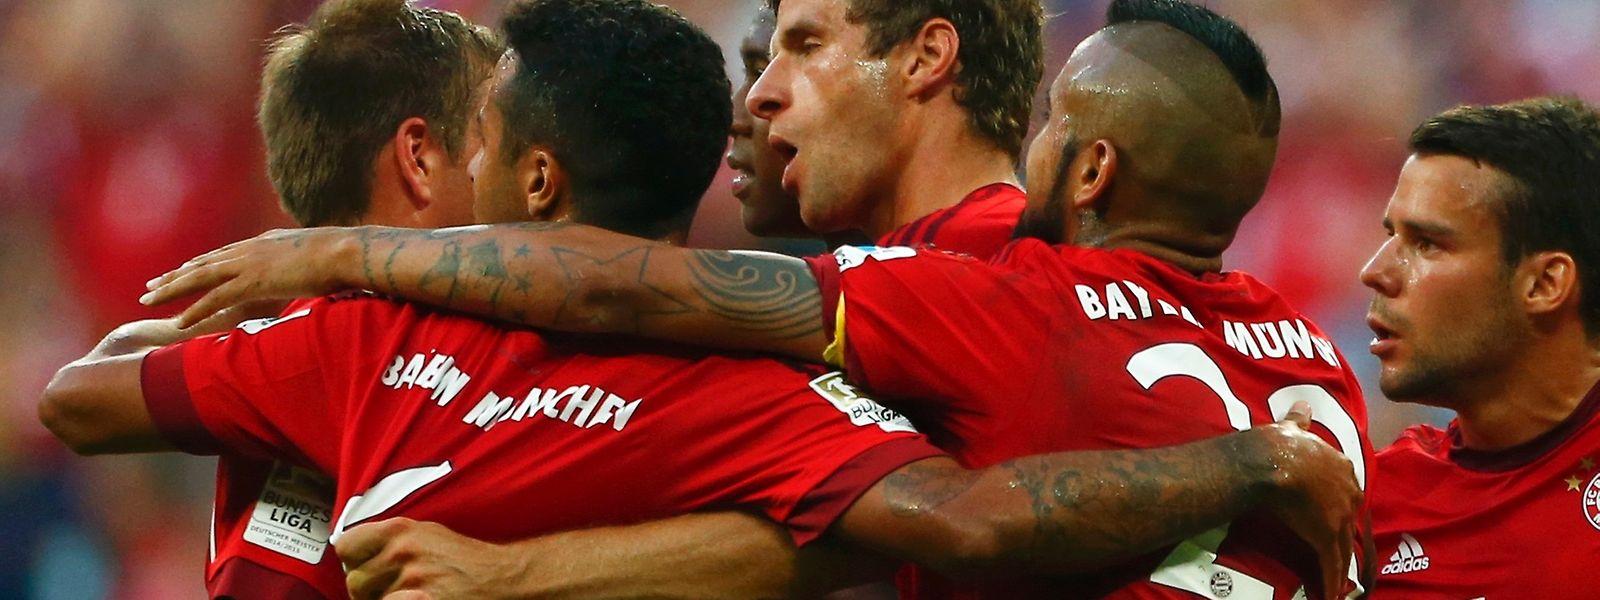 Die Bayern überzeugten erneut mit einer starken Leistung.